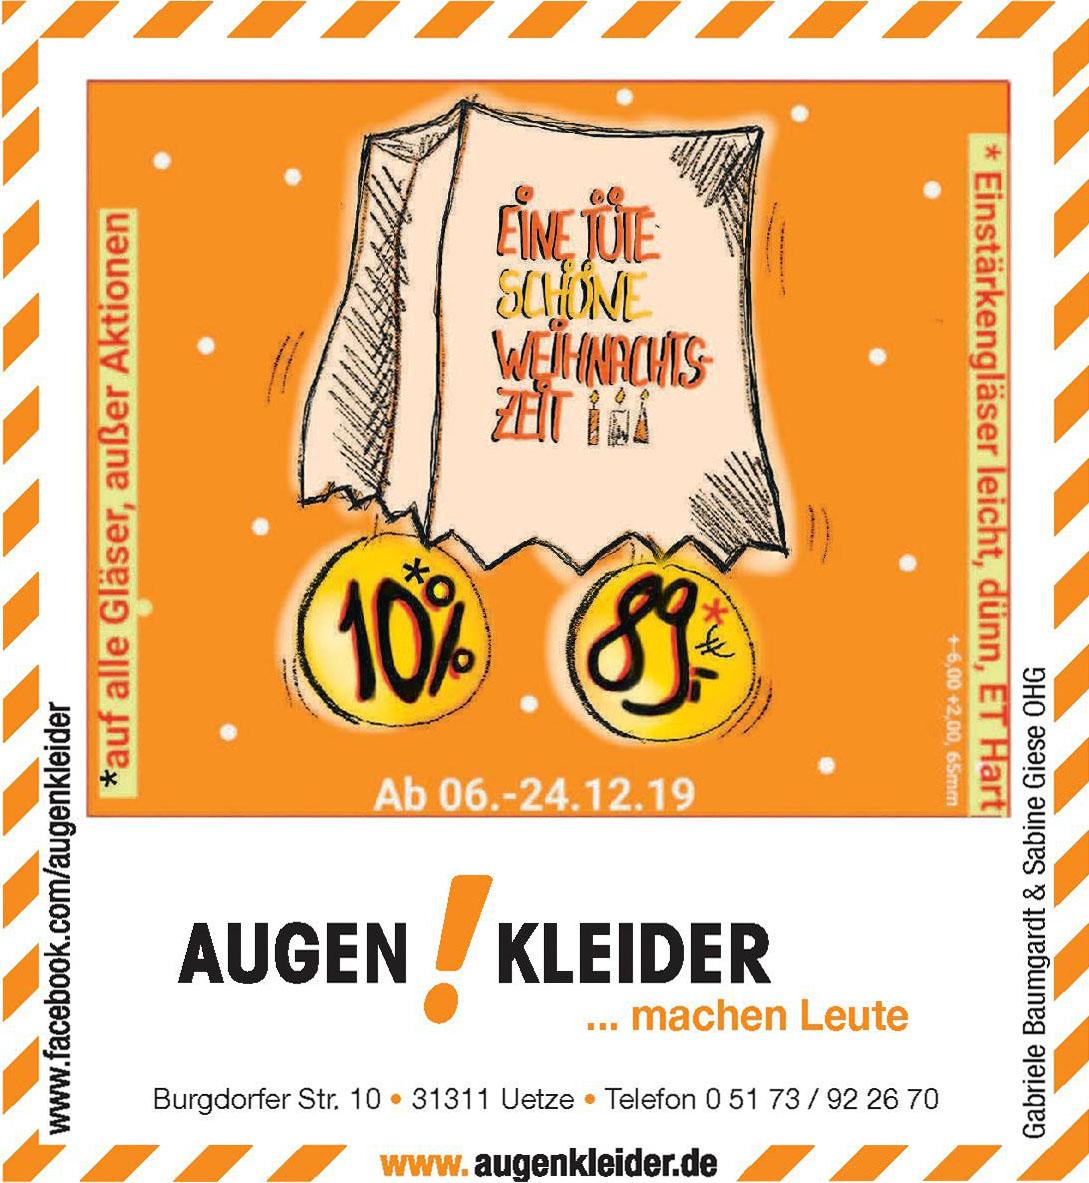 Augen Kleider Gabriele Baumgardt & Sabine Giese GbR